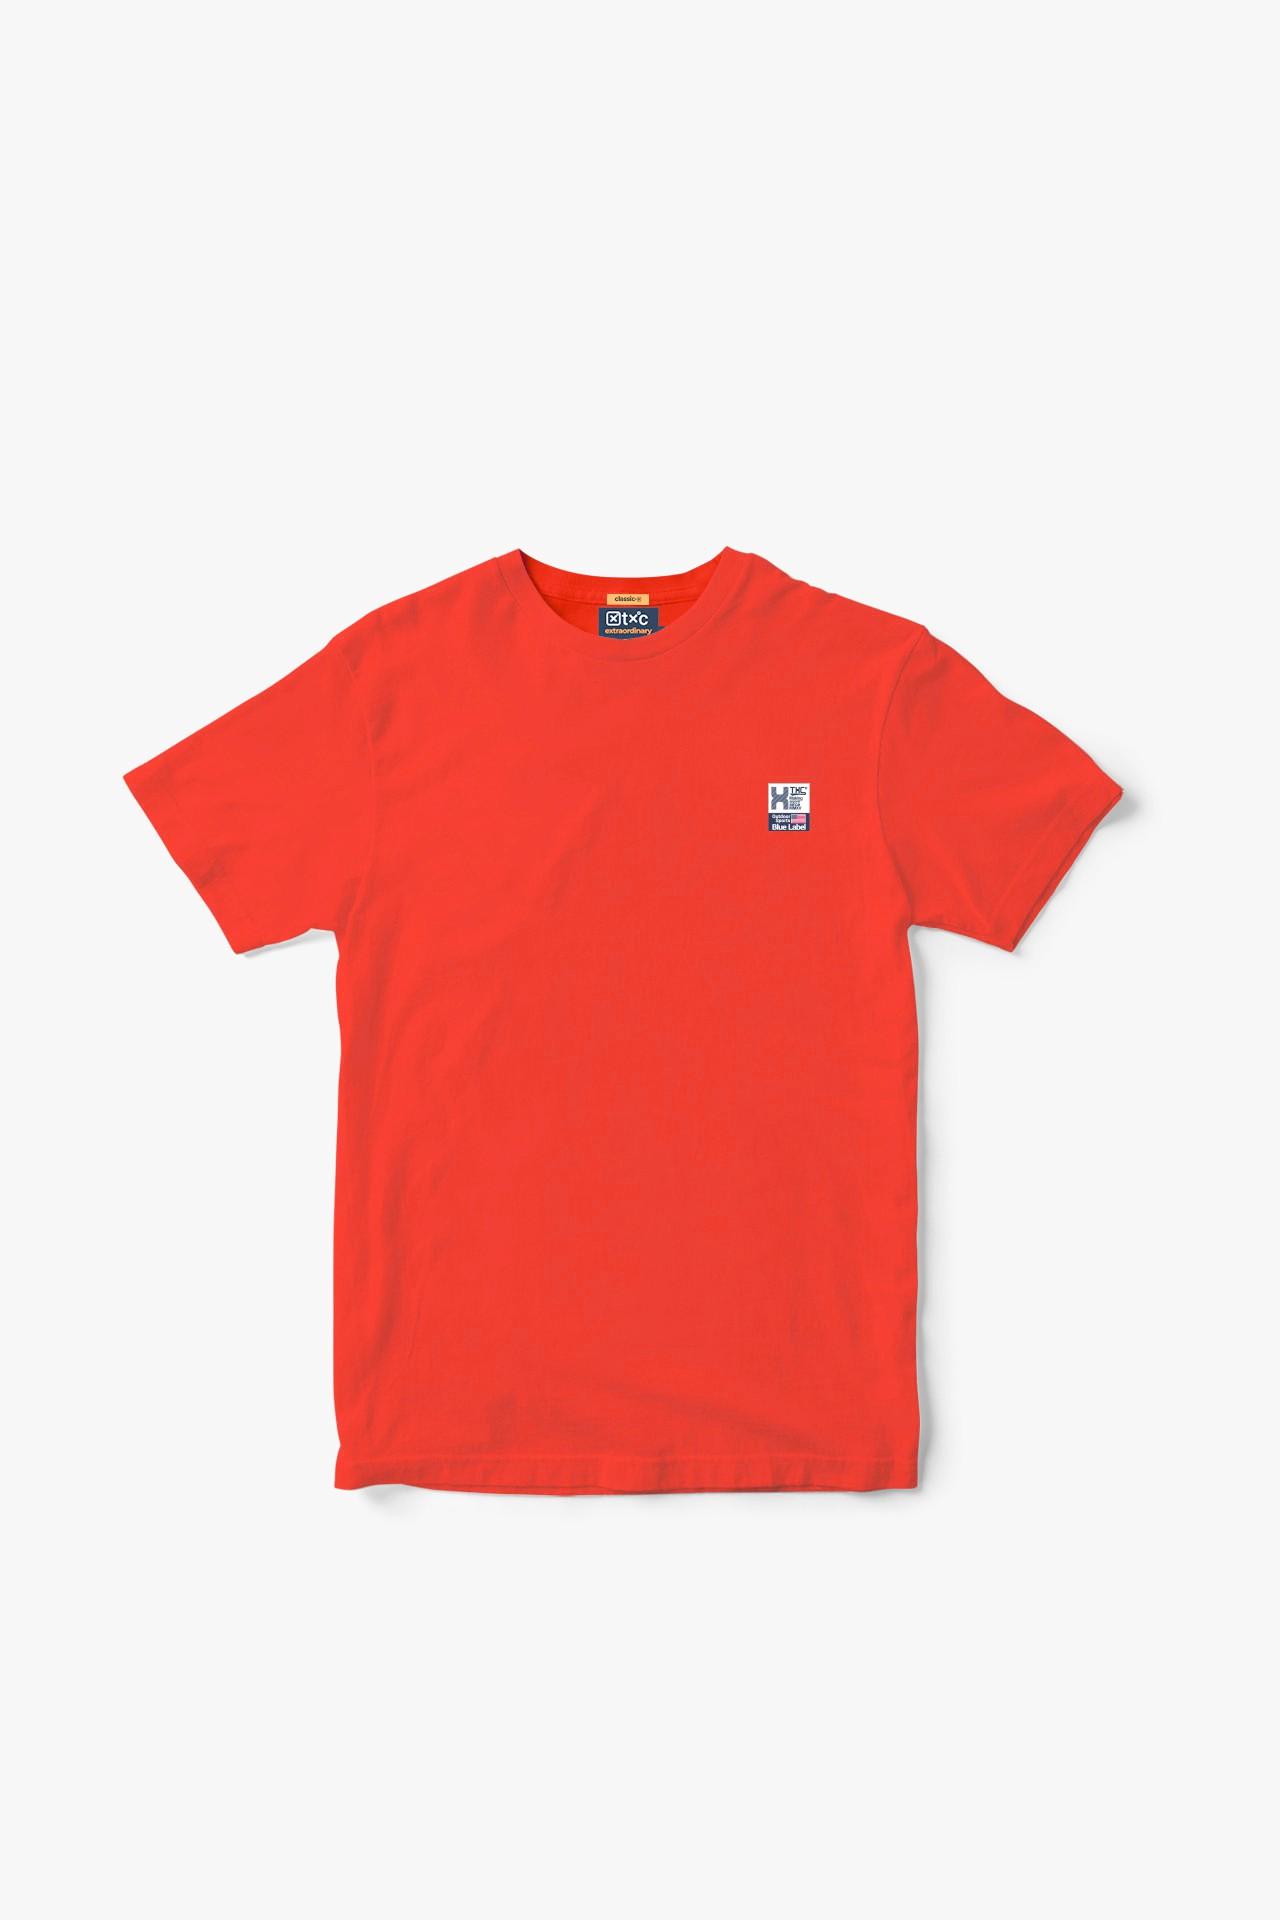 Camiseta TXC Brand 19100